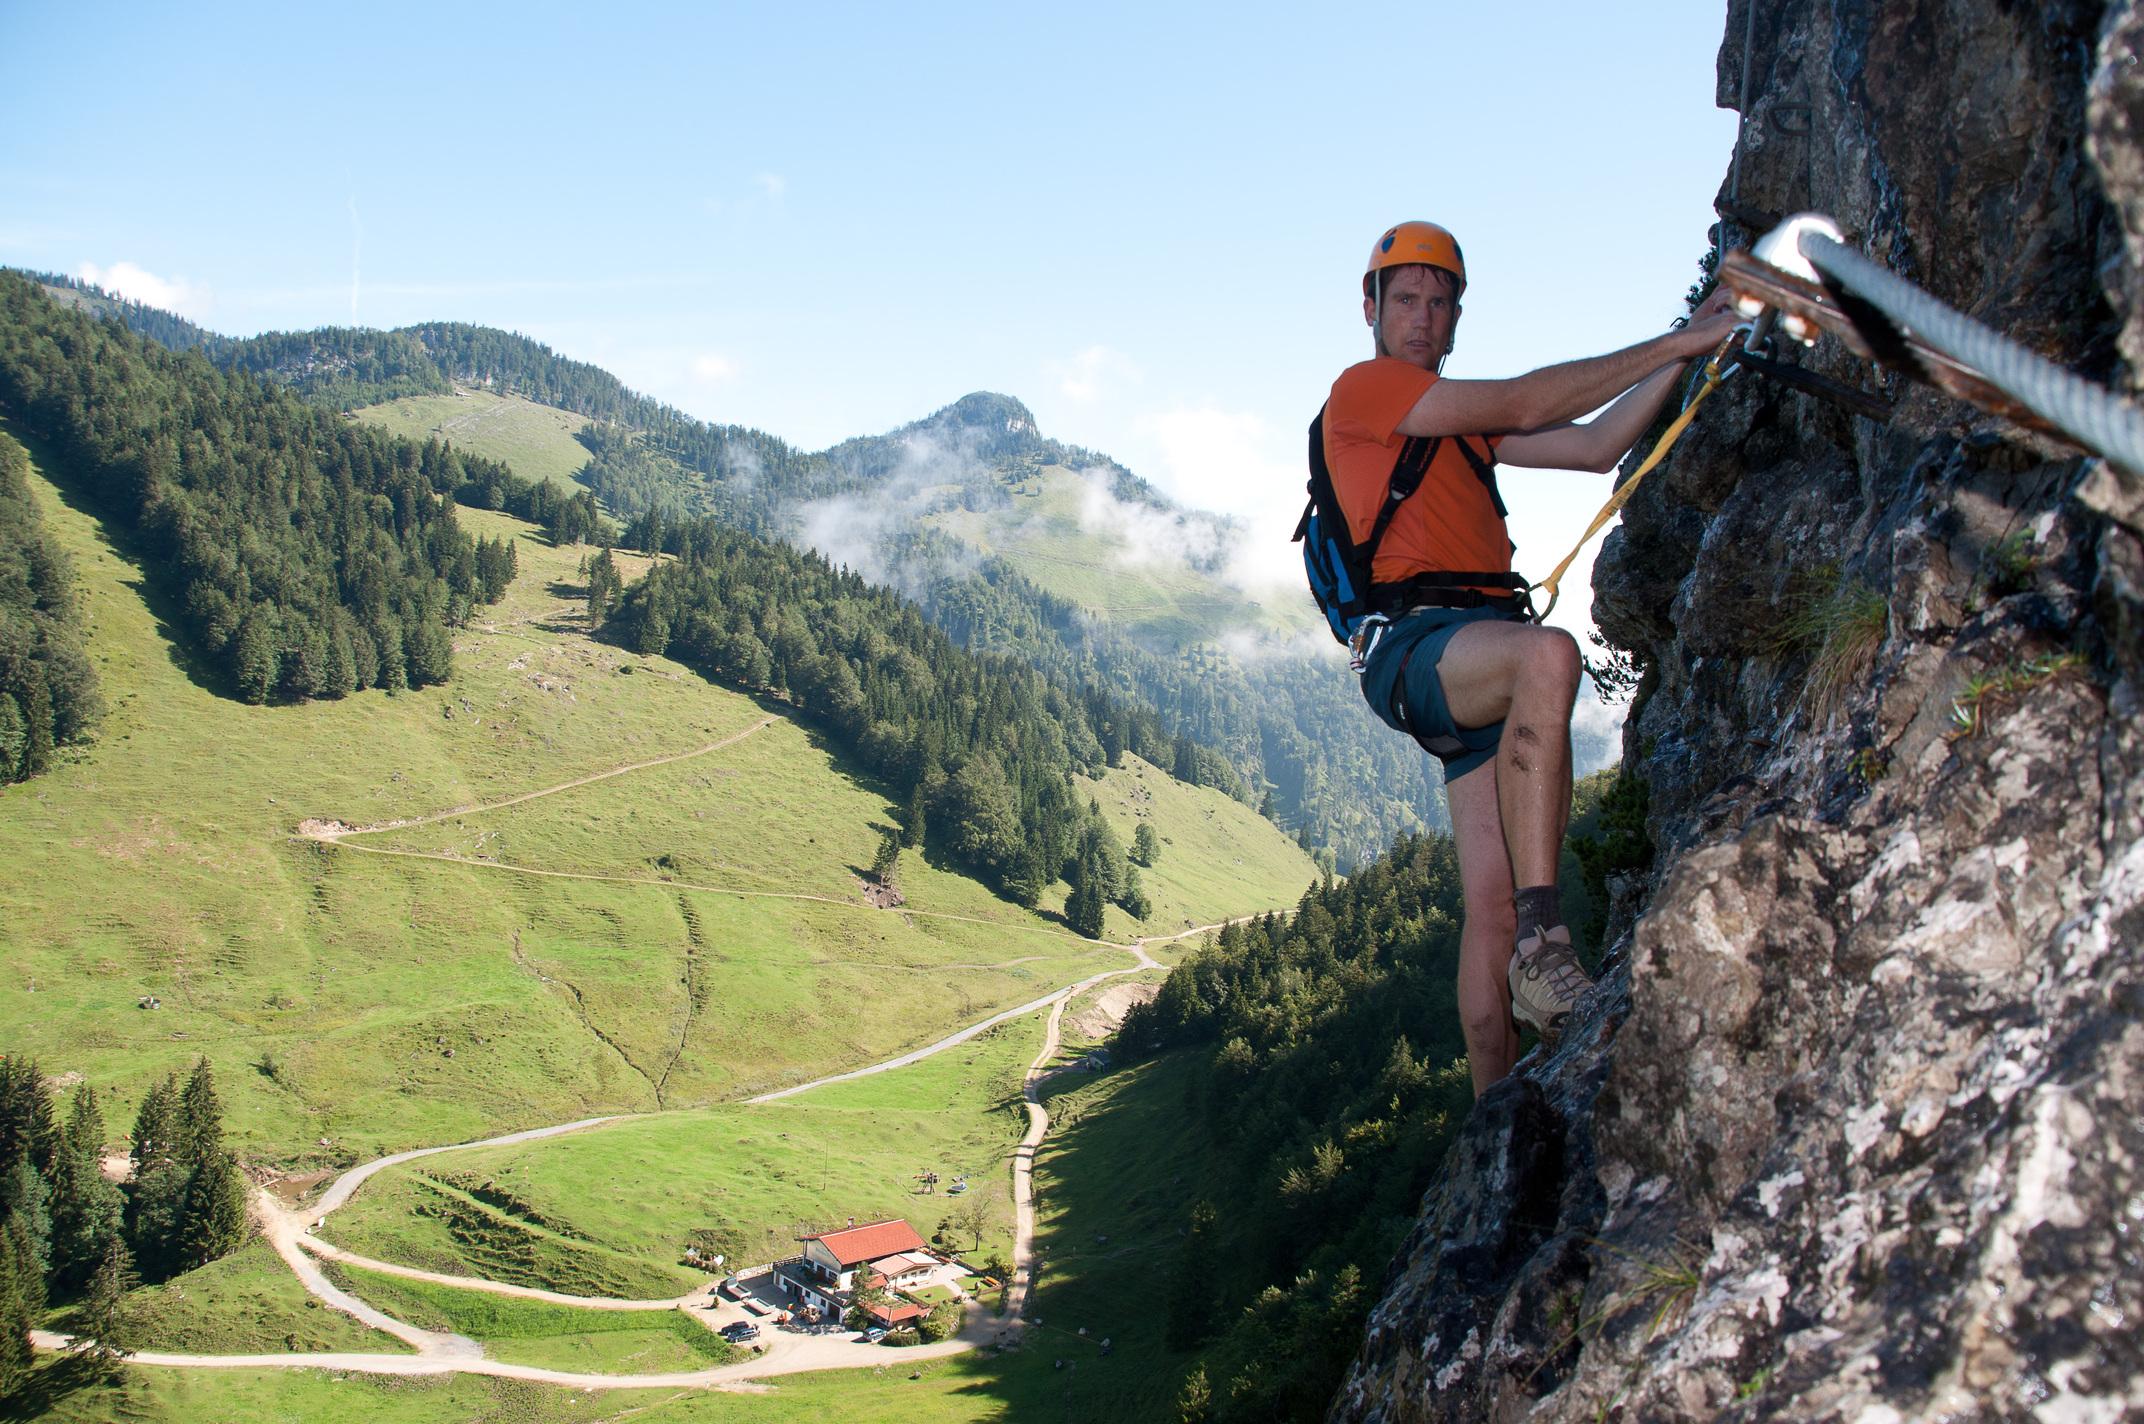 Klettersteig Ottenalm : Klettersteig sport und natur